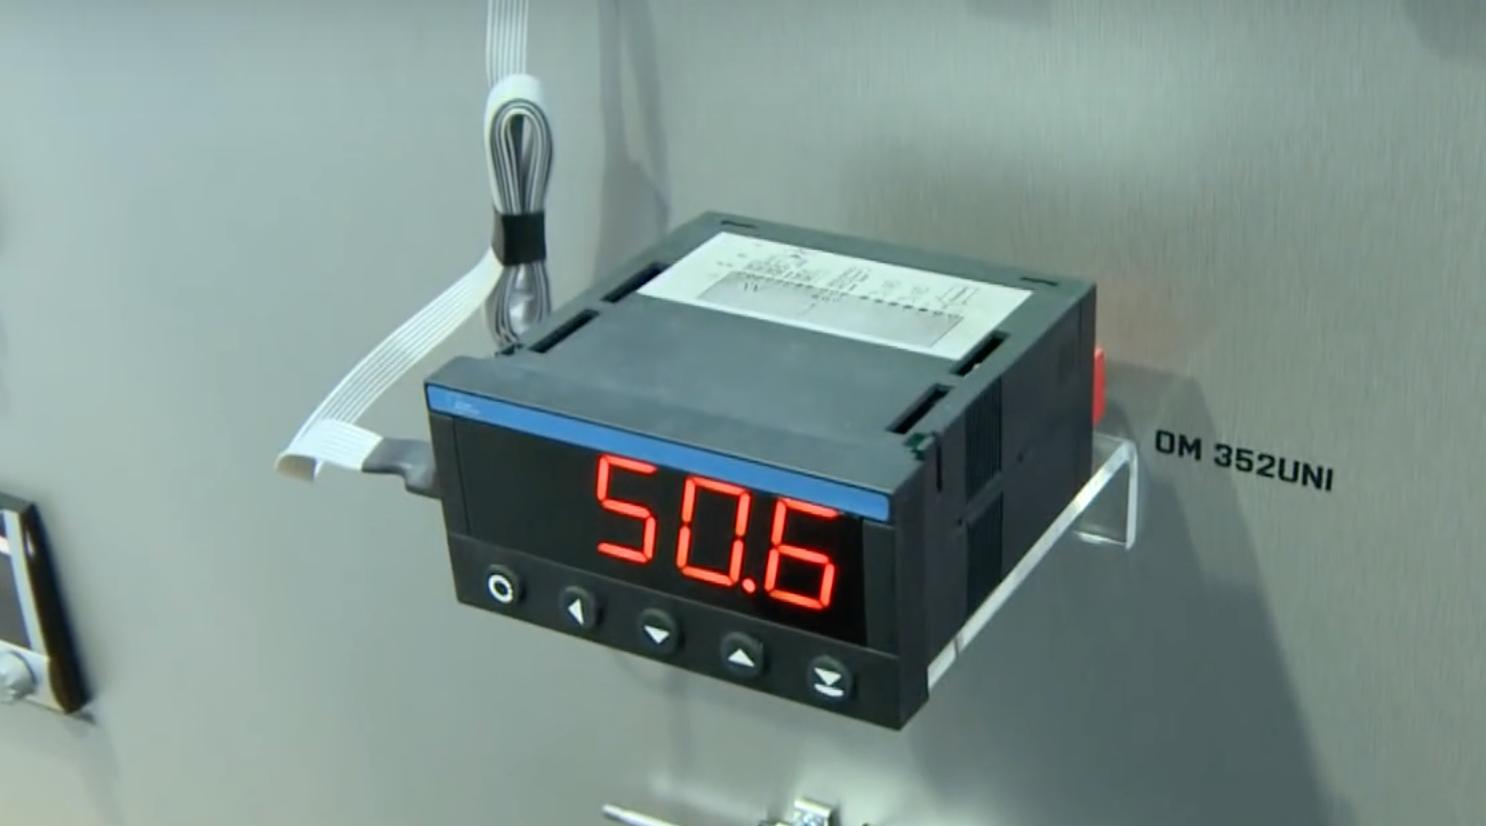 Bộ hiển thị đo mức OM402UNI